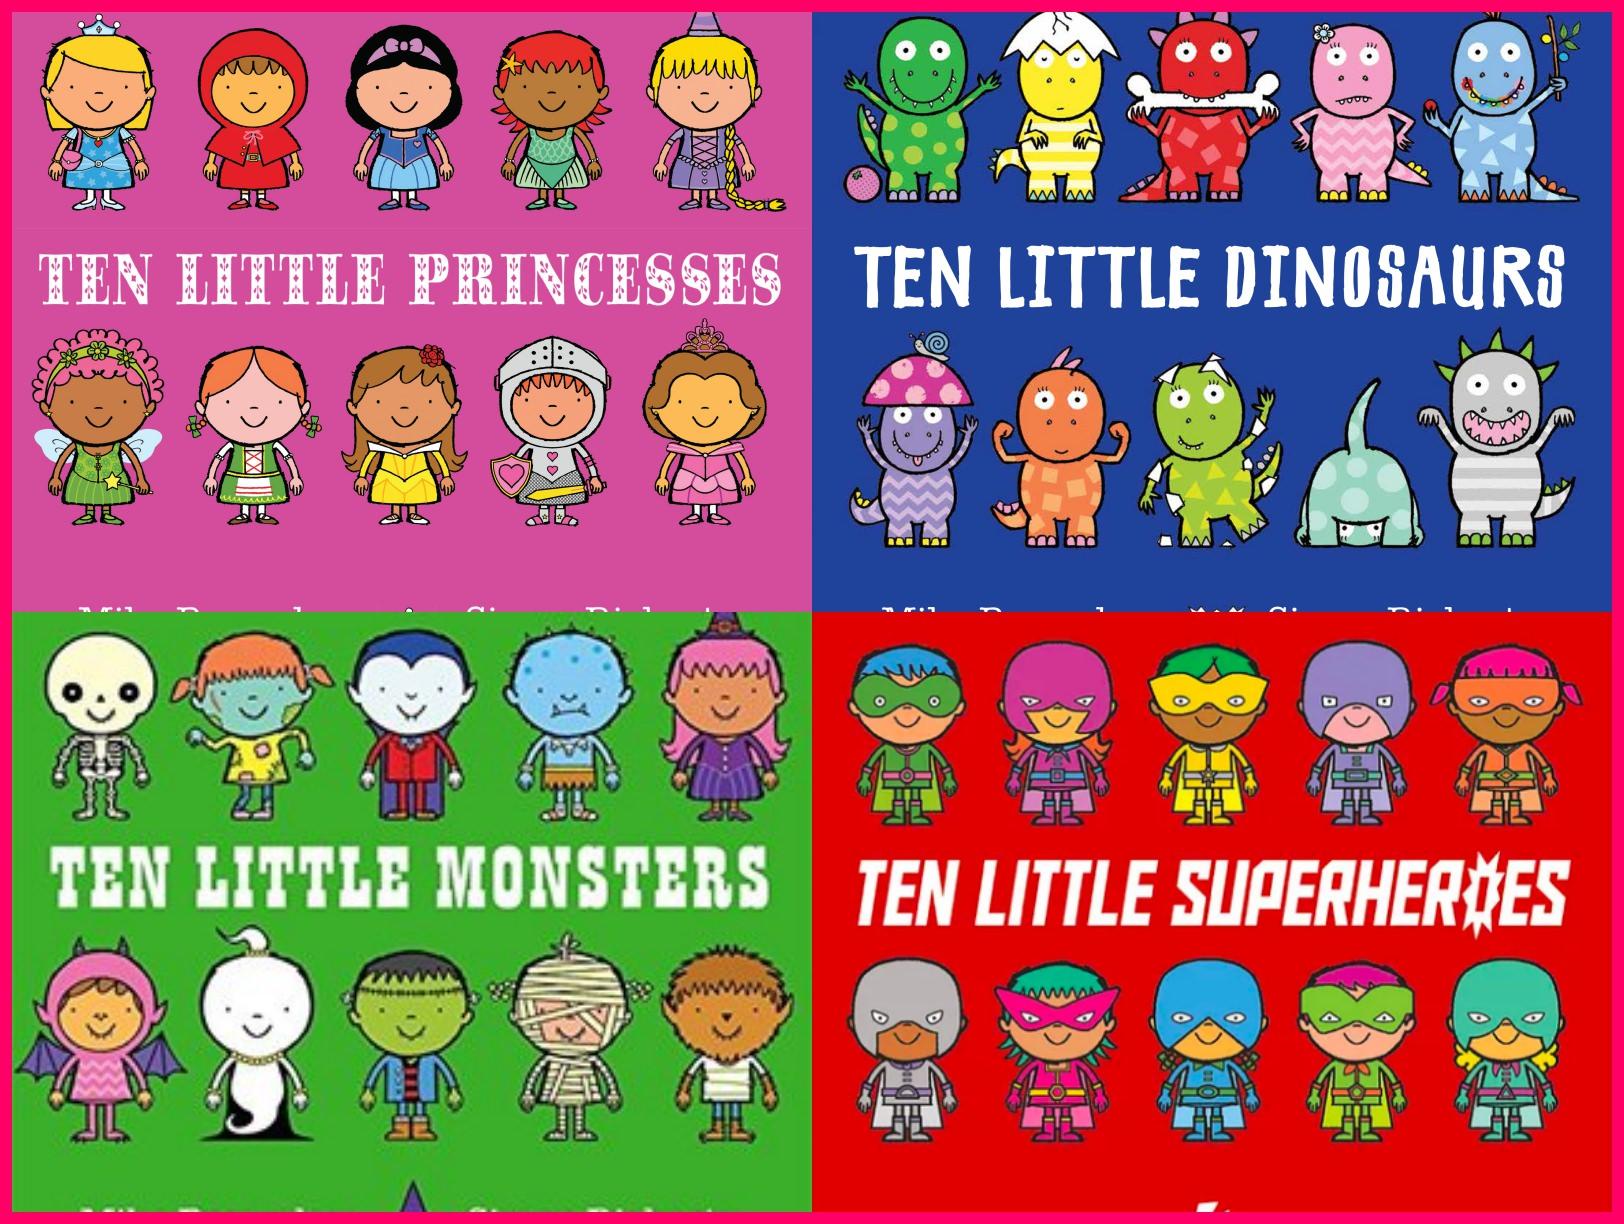 會想一直聽下去的親子共讀書單|Ten Little系列:驚險又刺激的數字冒險故事 - 愛小宜的甜蜜小窩